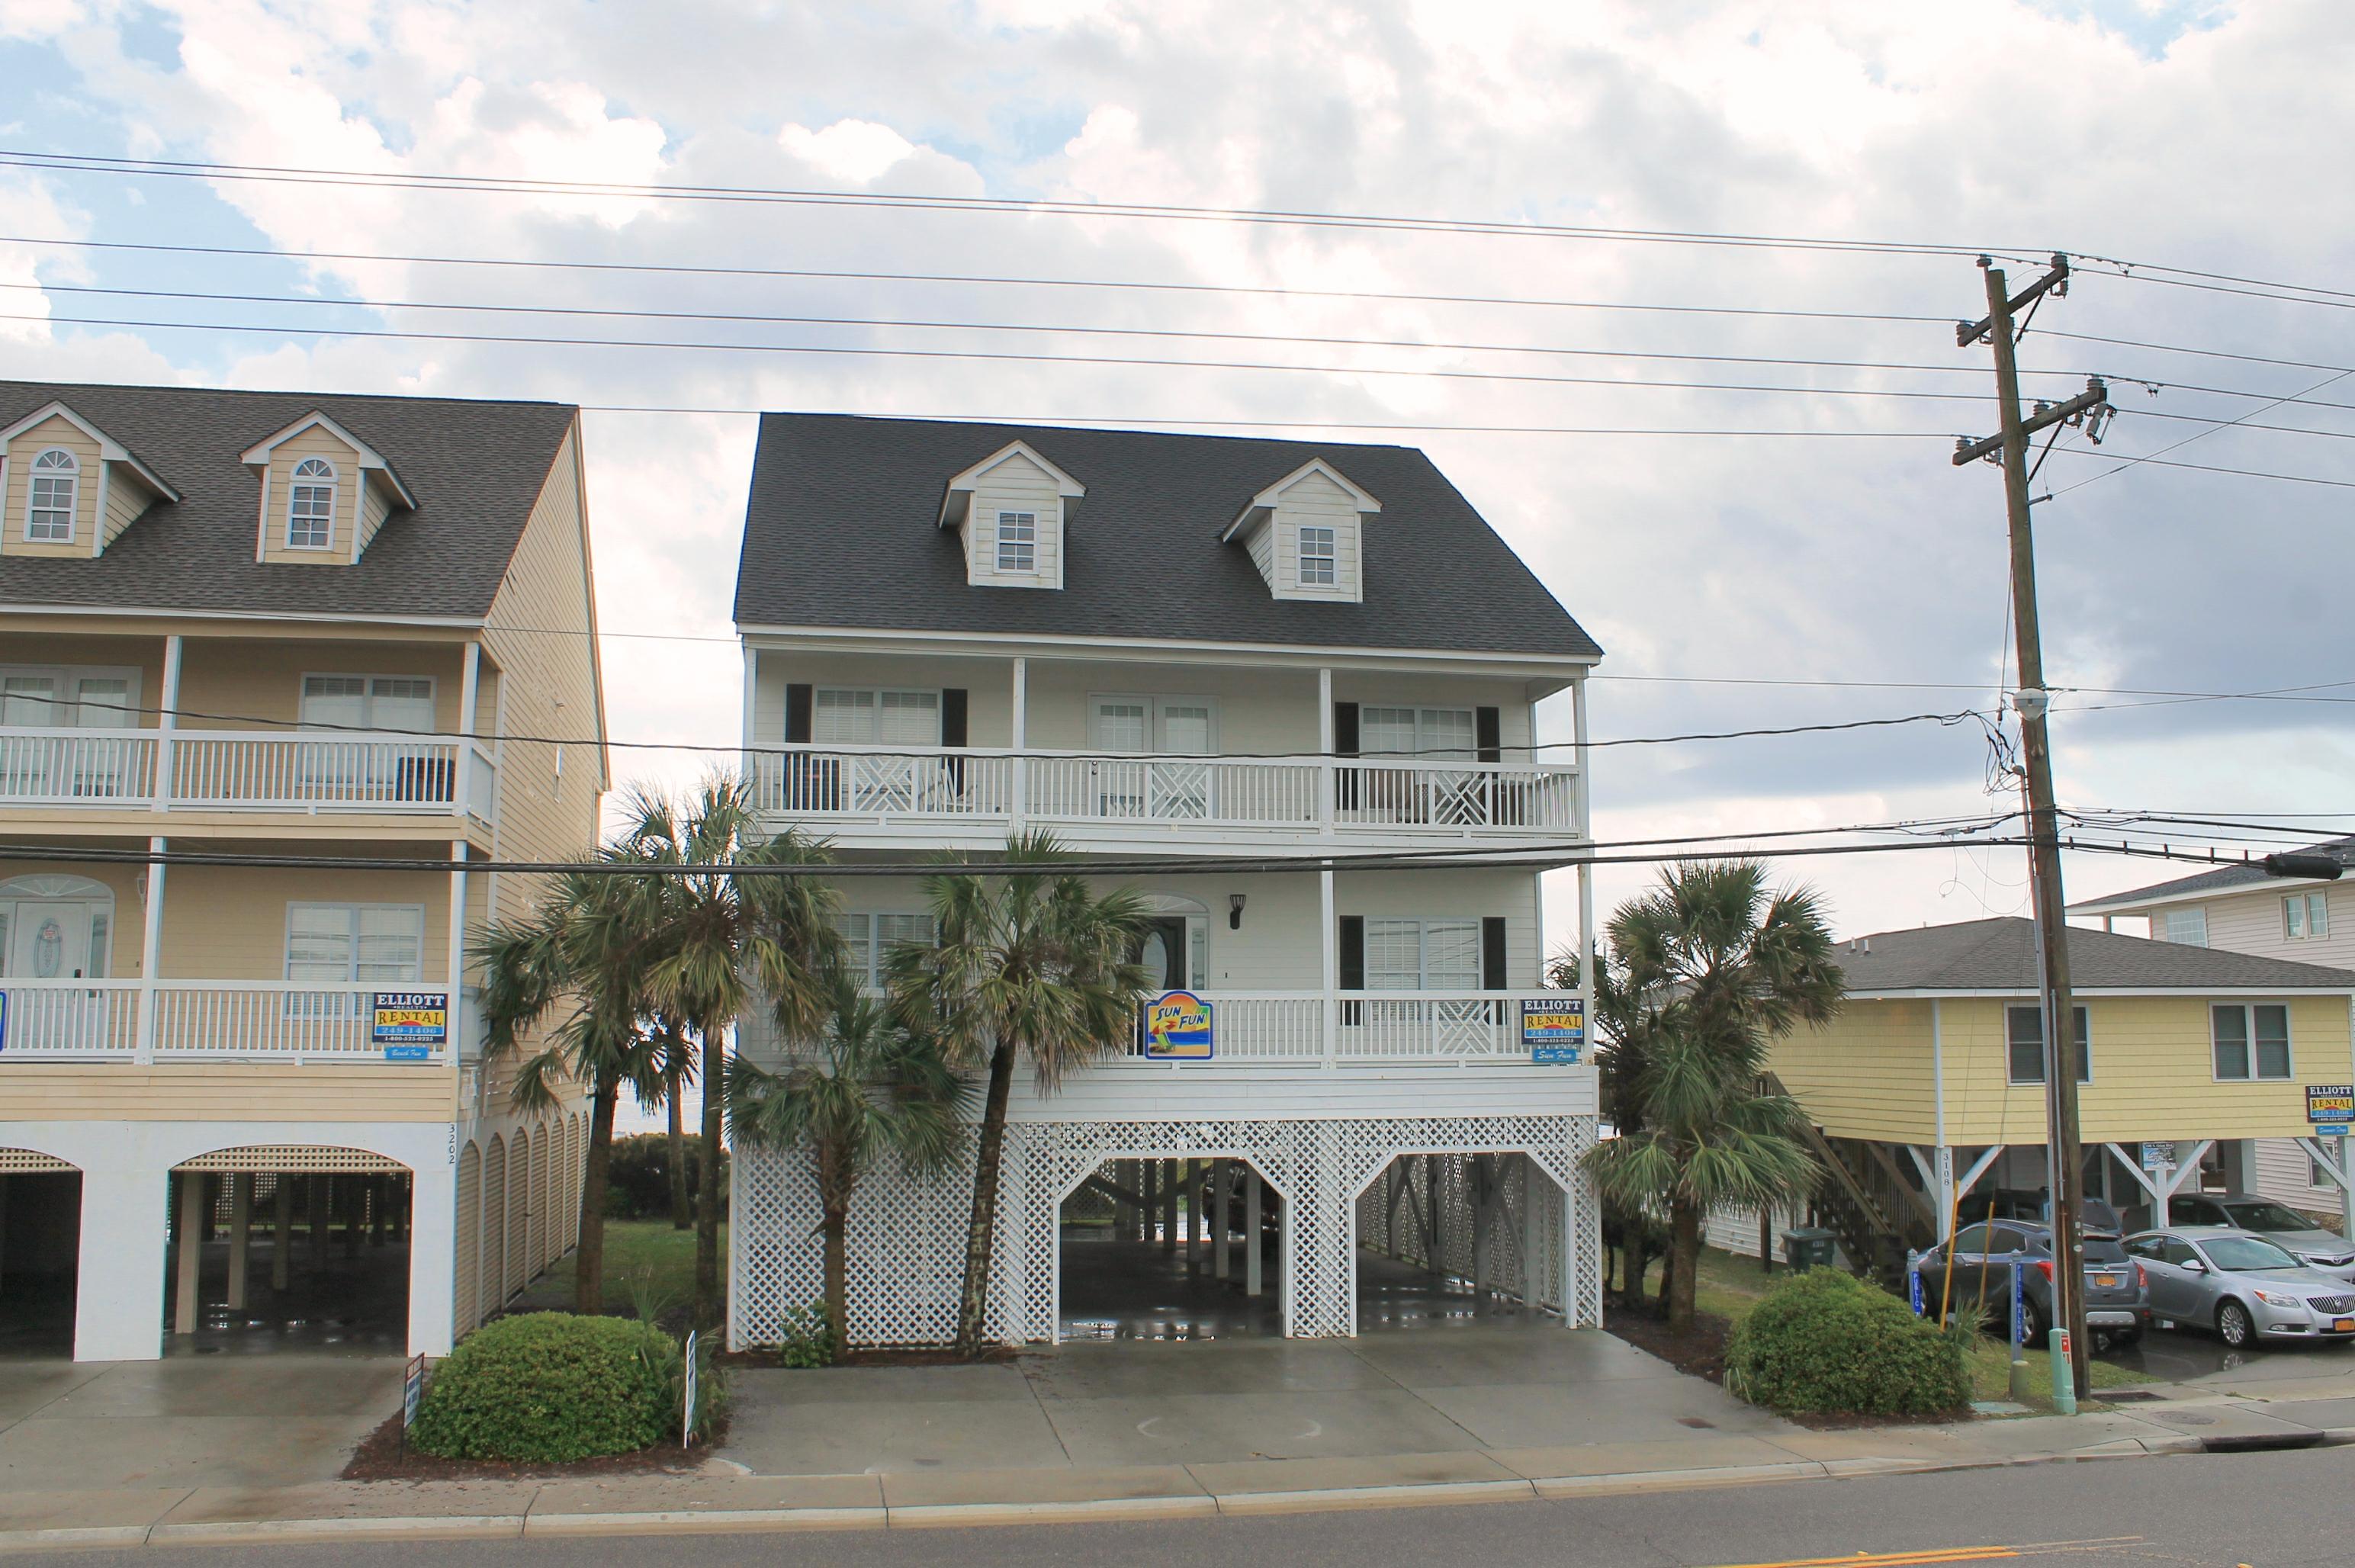 단독 가정 주택 용 매매 에 Harmonious and Majestic Beachfront Home 3200 N Ocean Blvd North Myrtle Beach, 사우스캐놀라이나, 29582 미국